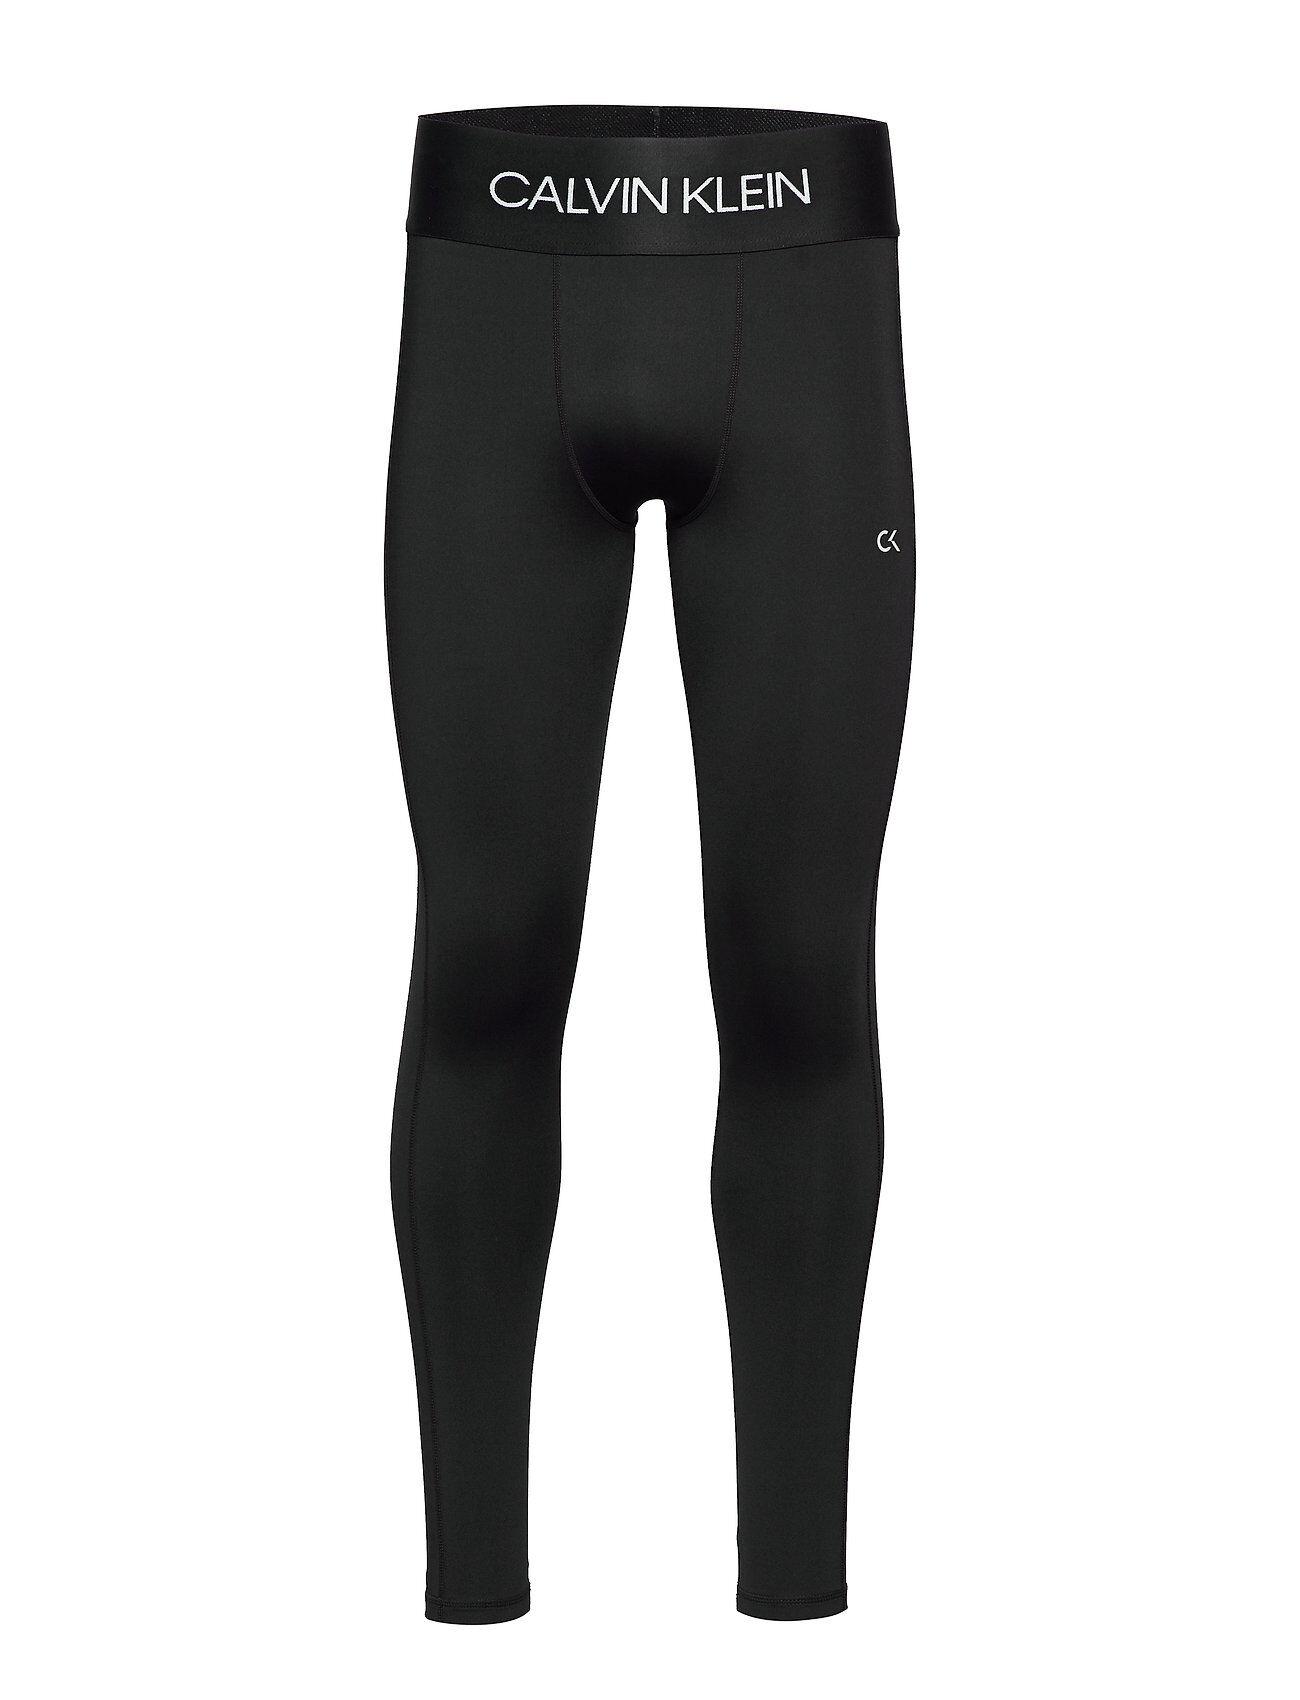 Image of Calvin Full Length Tight Running/training Tights Musta Calvin Klein Performance